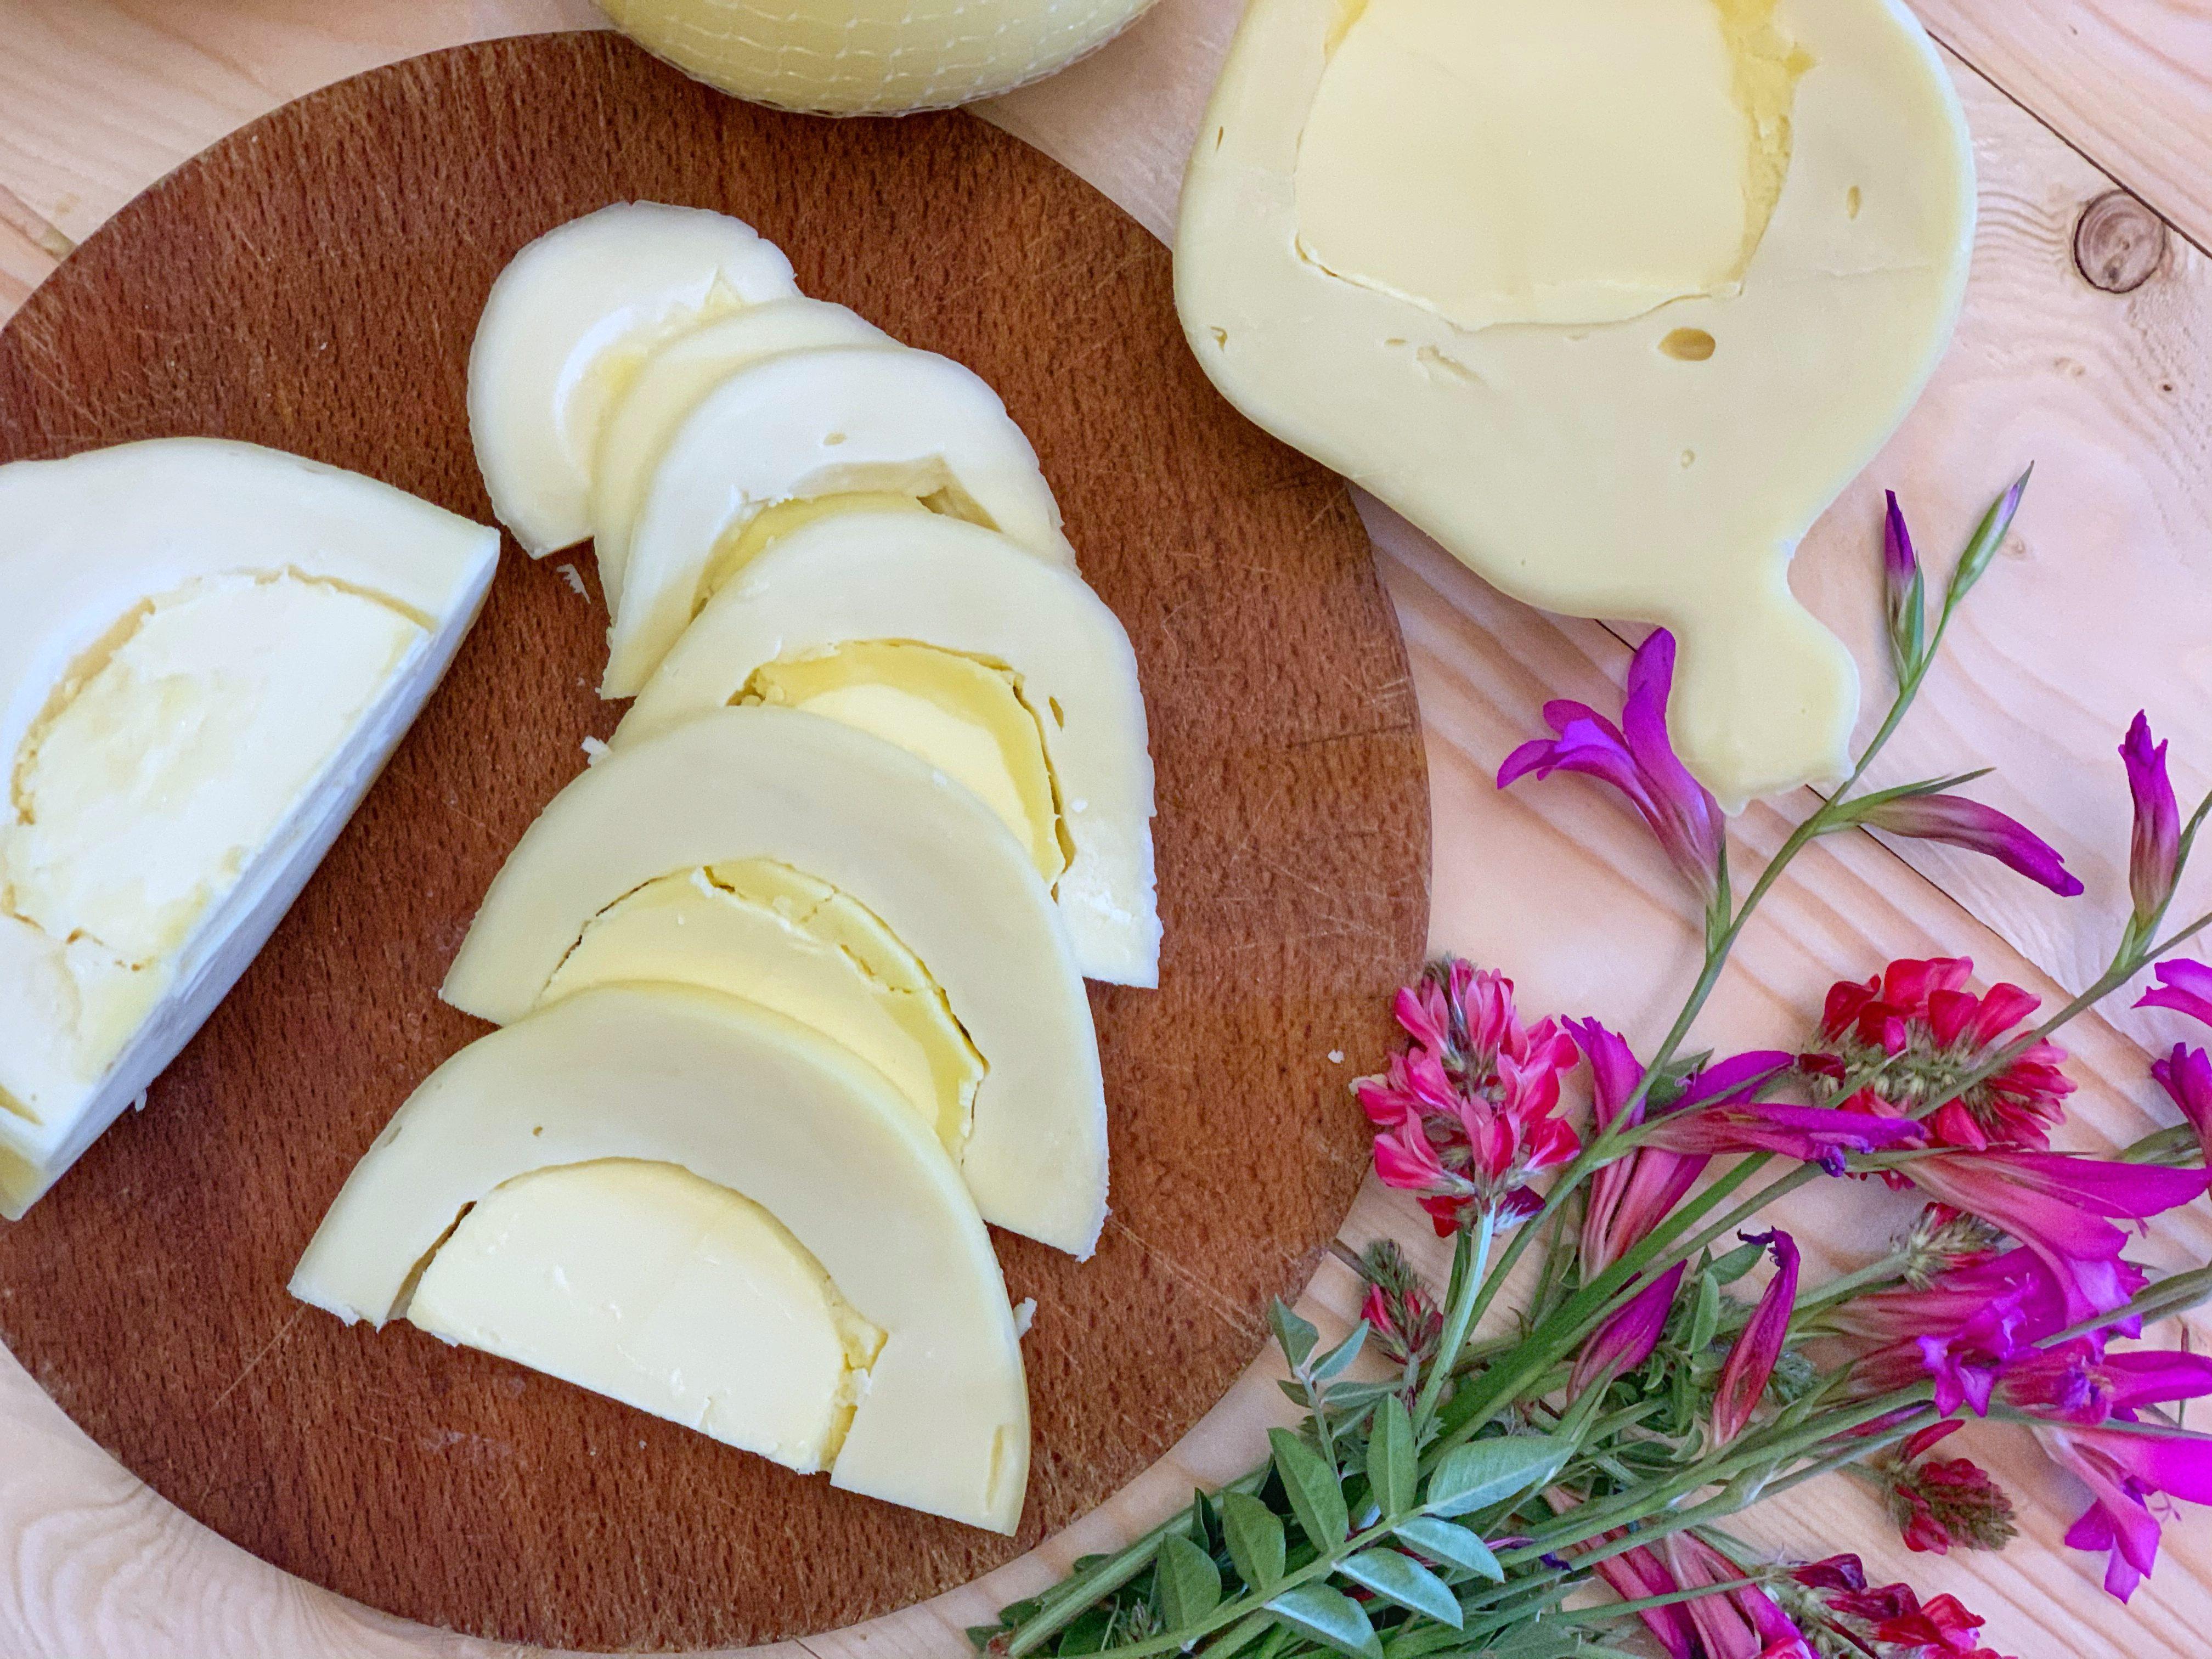 Alla scoperta del formaggio dal cuore morbido e goloso: cos'è e da dove viene la manteca